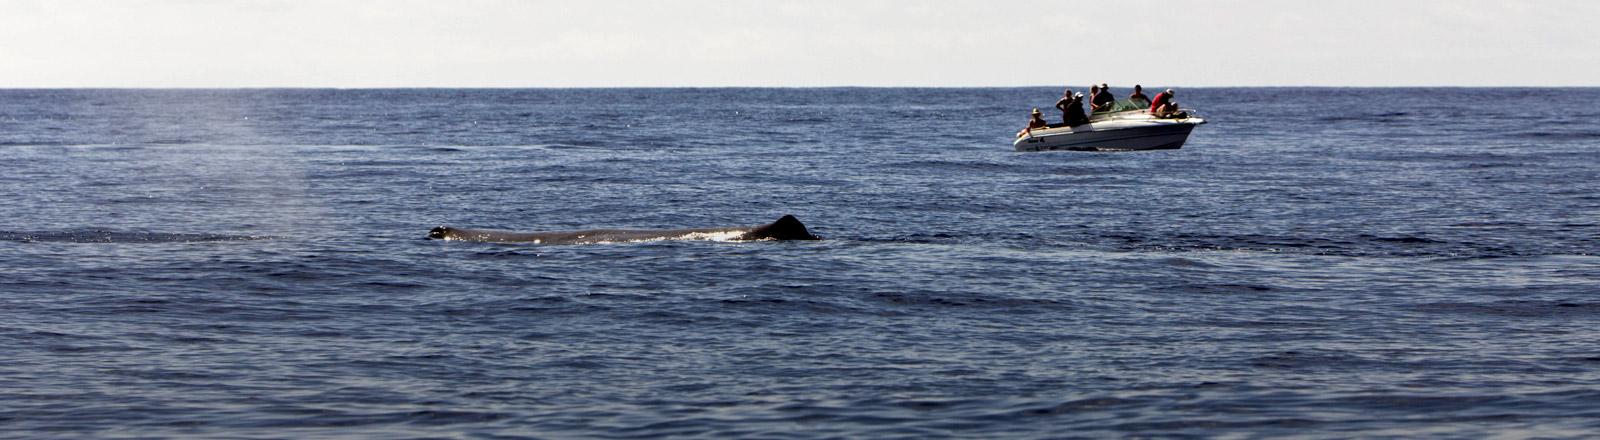 Menschen beobachten von einem Boot einen Wal